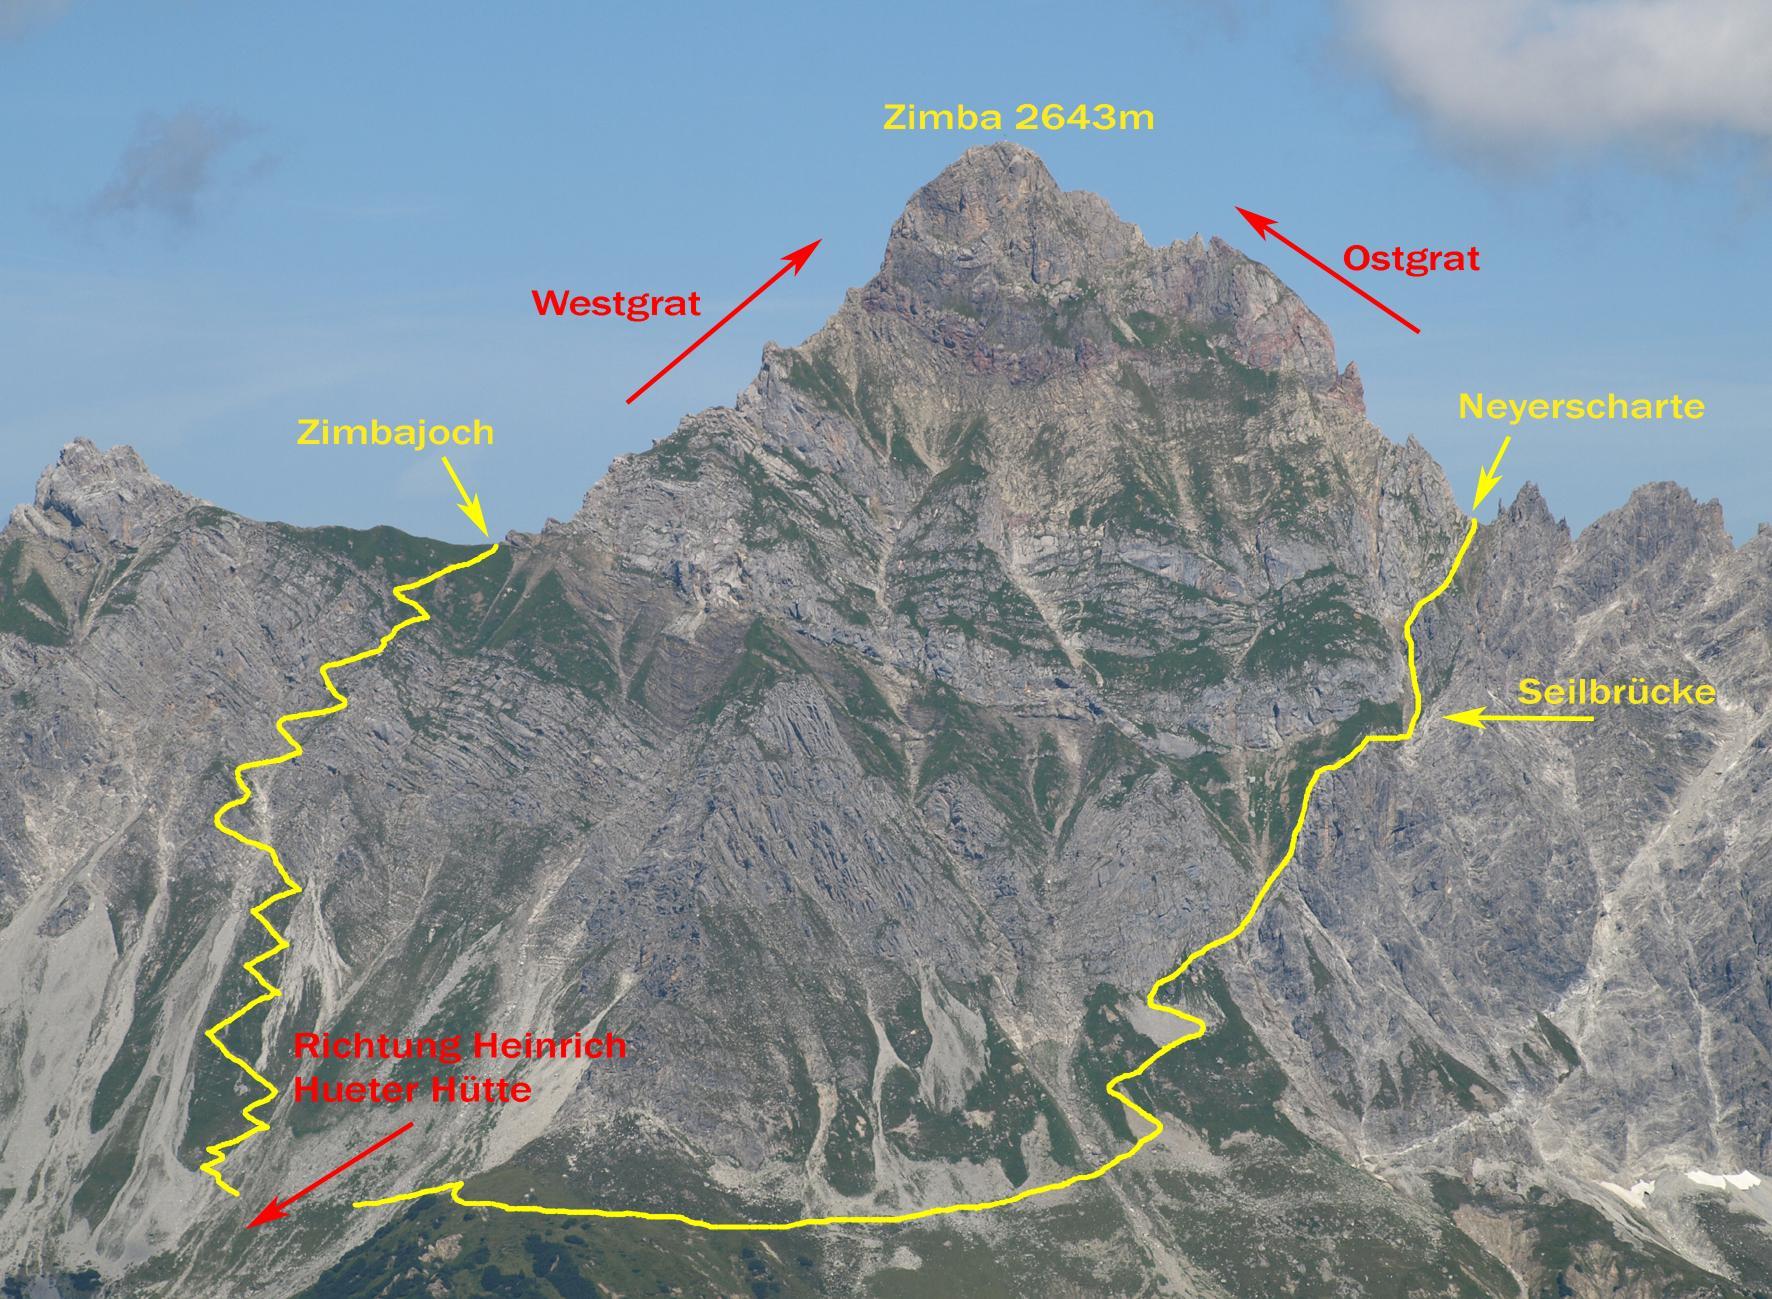 Klettersteig Map : Klettersteig neyerscharte urlaub in vorarlberg